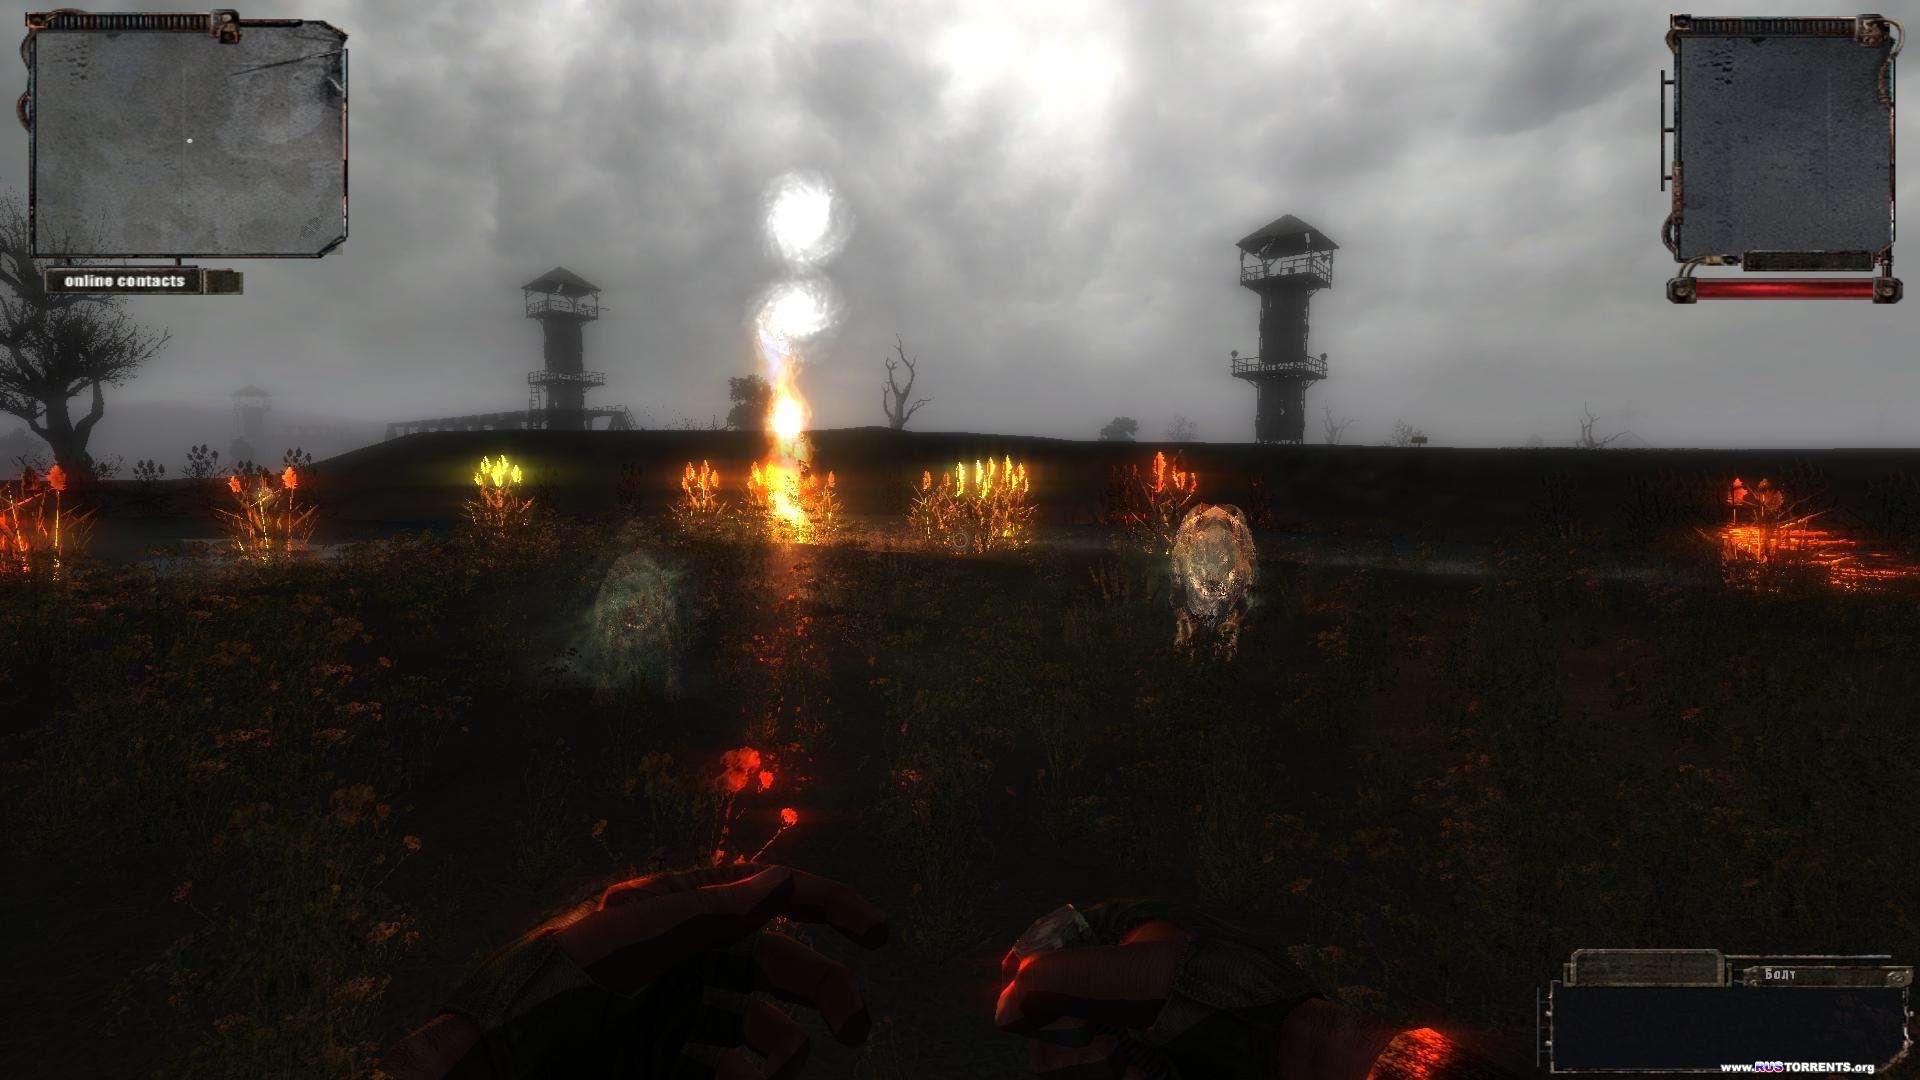 S.T.A.L.K.E.R.: Oblivion Lost Remake